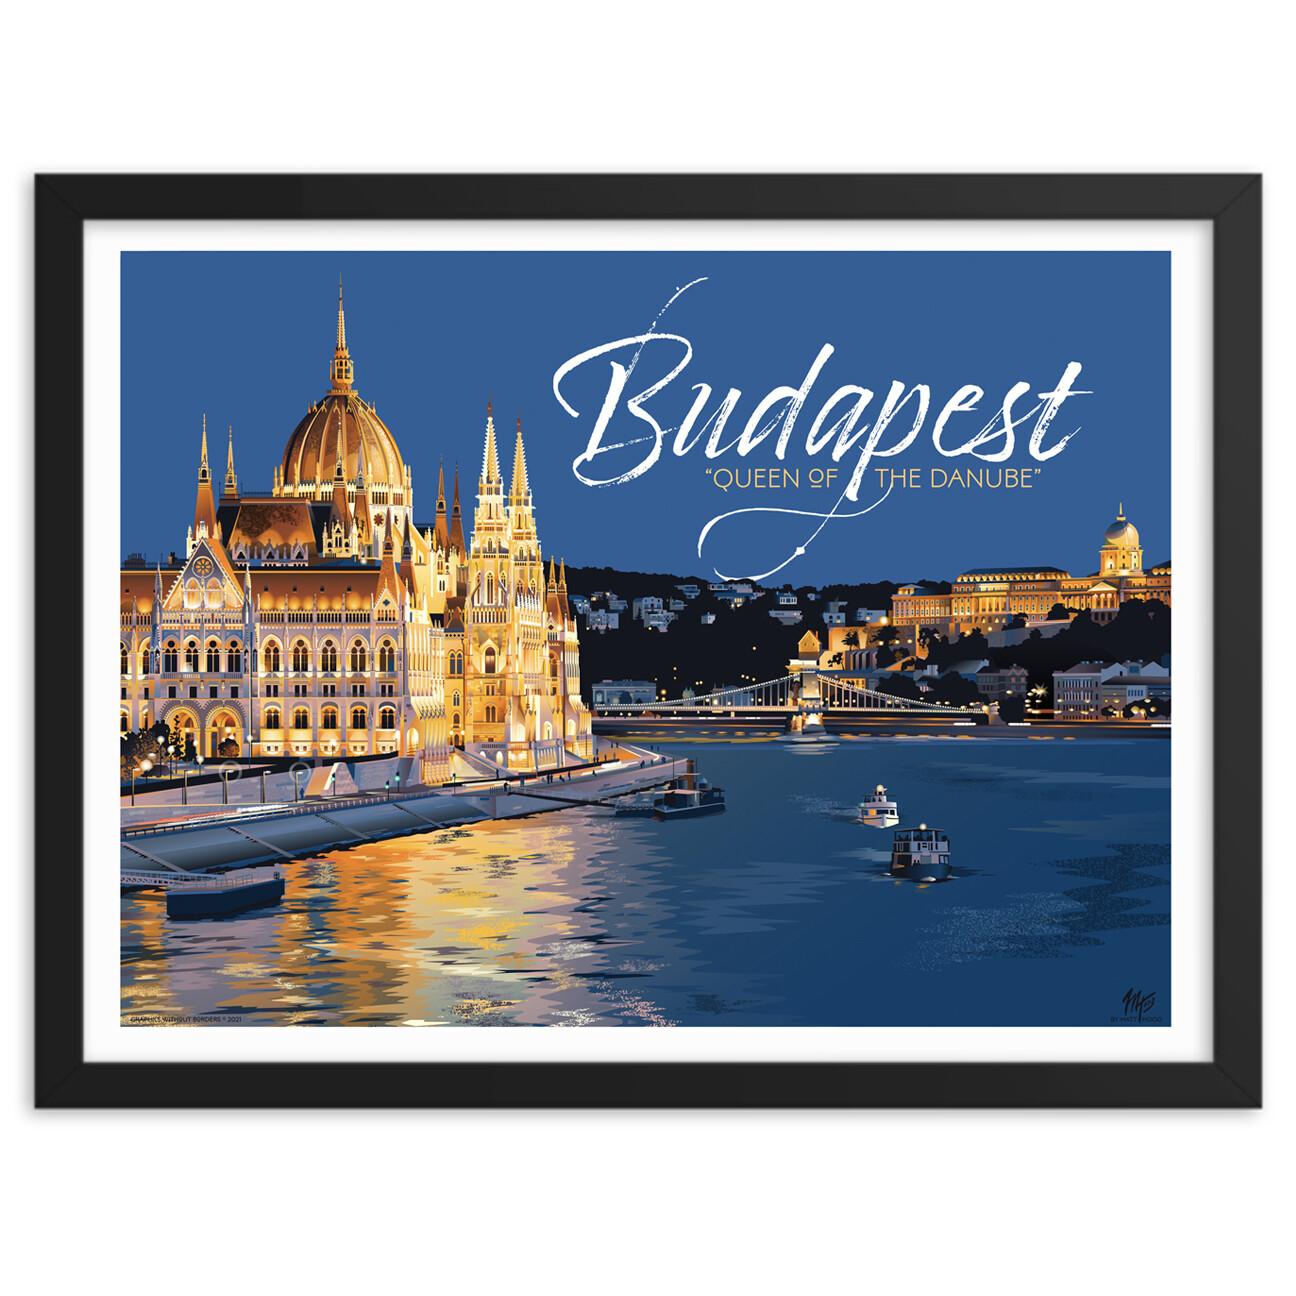 Budapest: Queen of the Danube (framed)